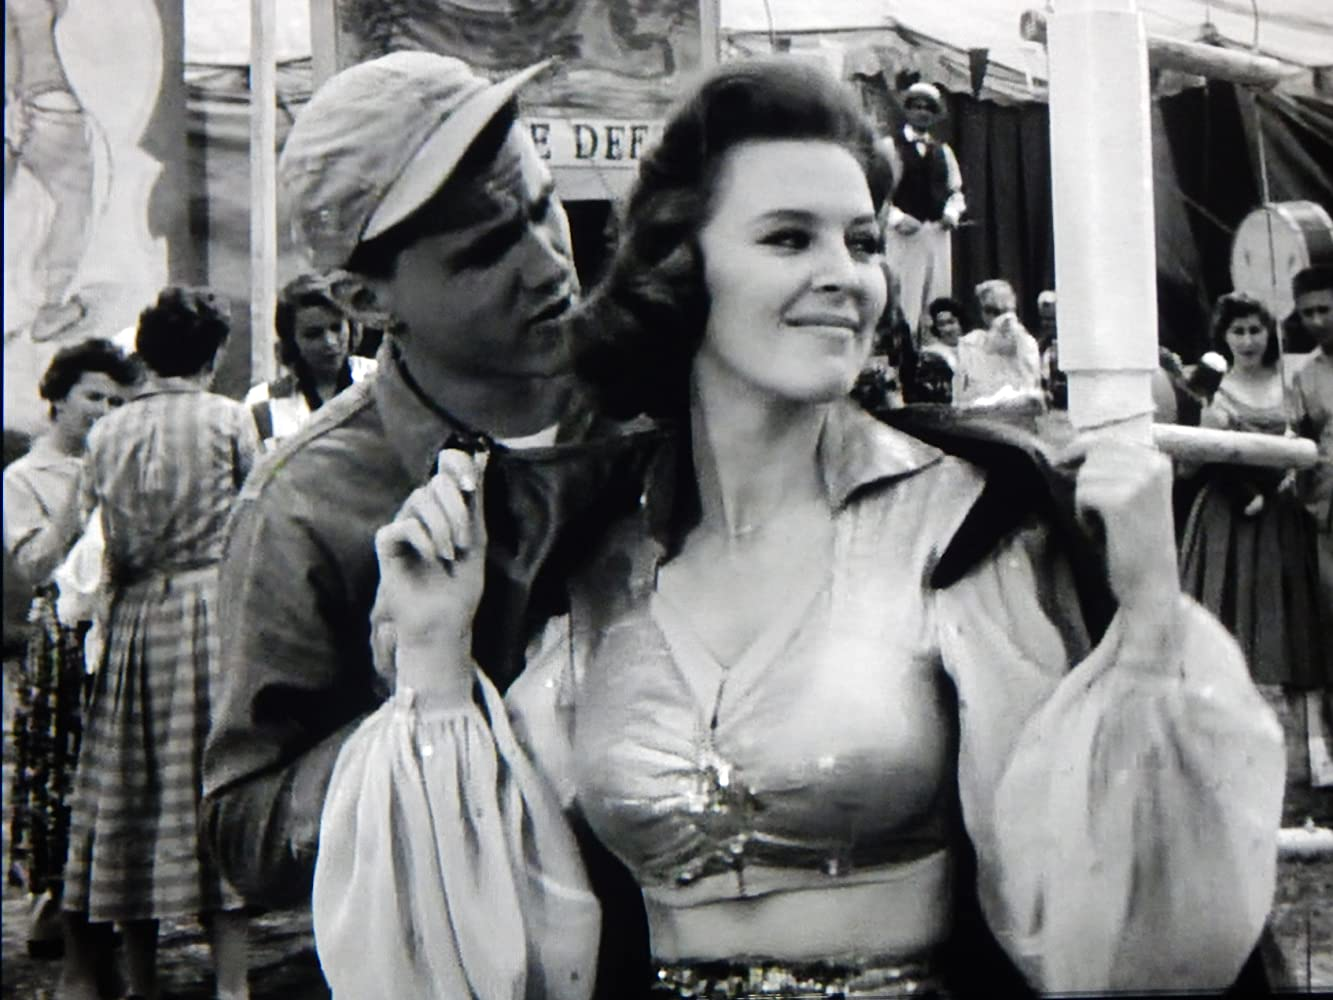 Janie Sell,Rod Beattie Adult images Ingrid Pitt (1937?010),Marcia Cross